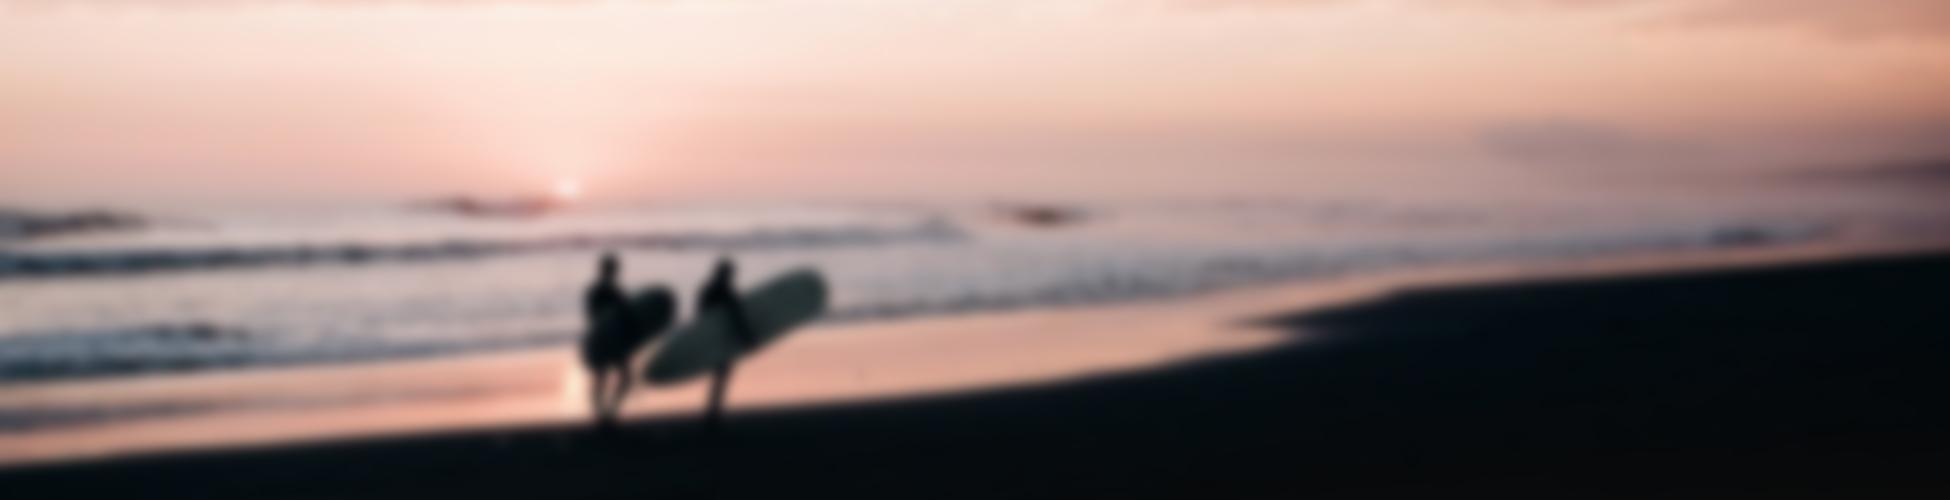 surfing friends-titel-silder2